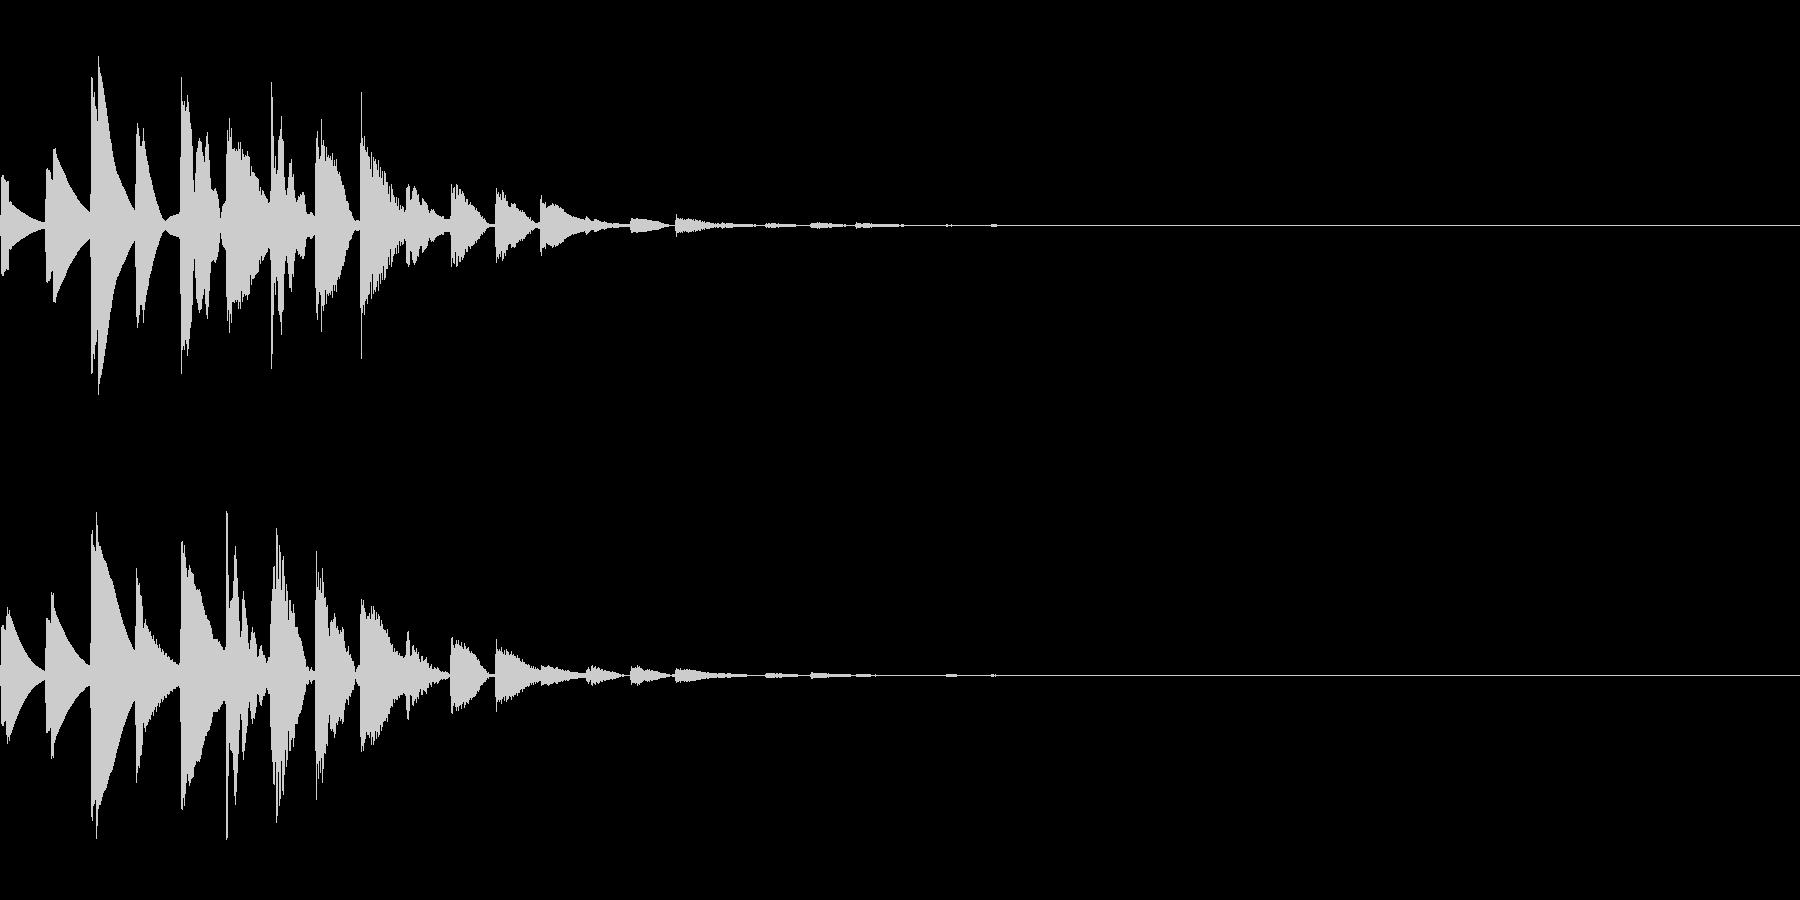 仕掛けを解除した時のエフェクトの未再生の波形